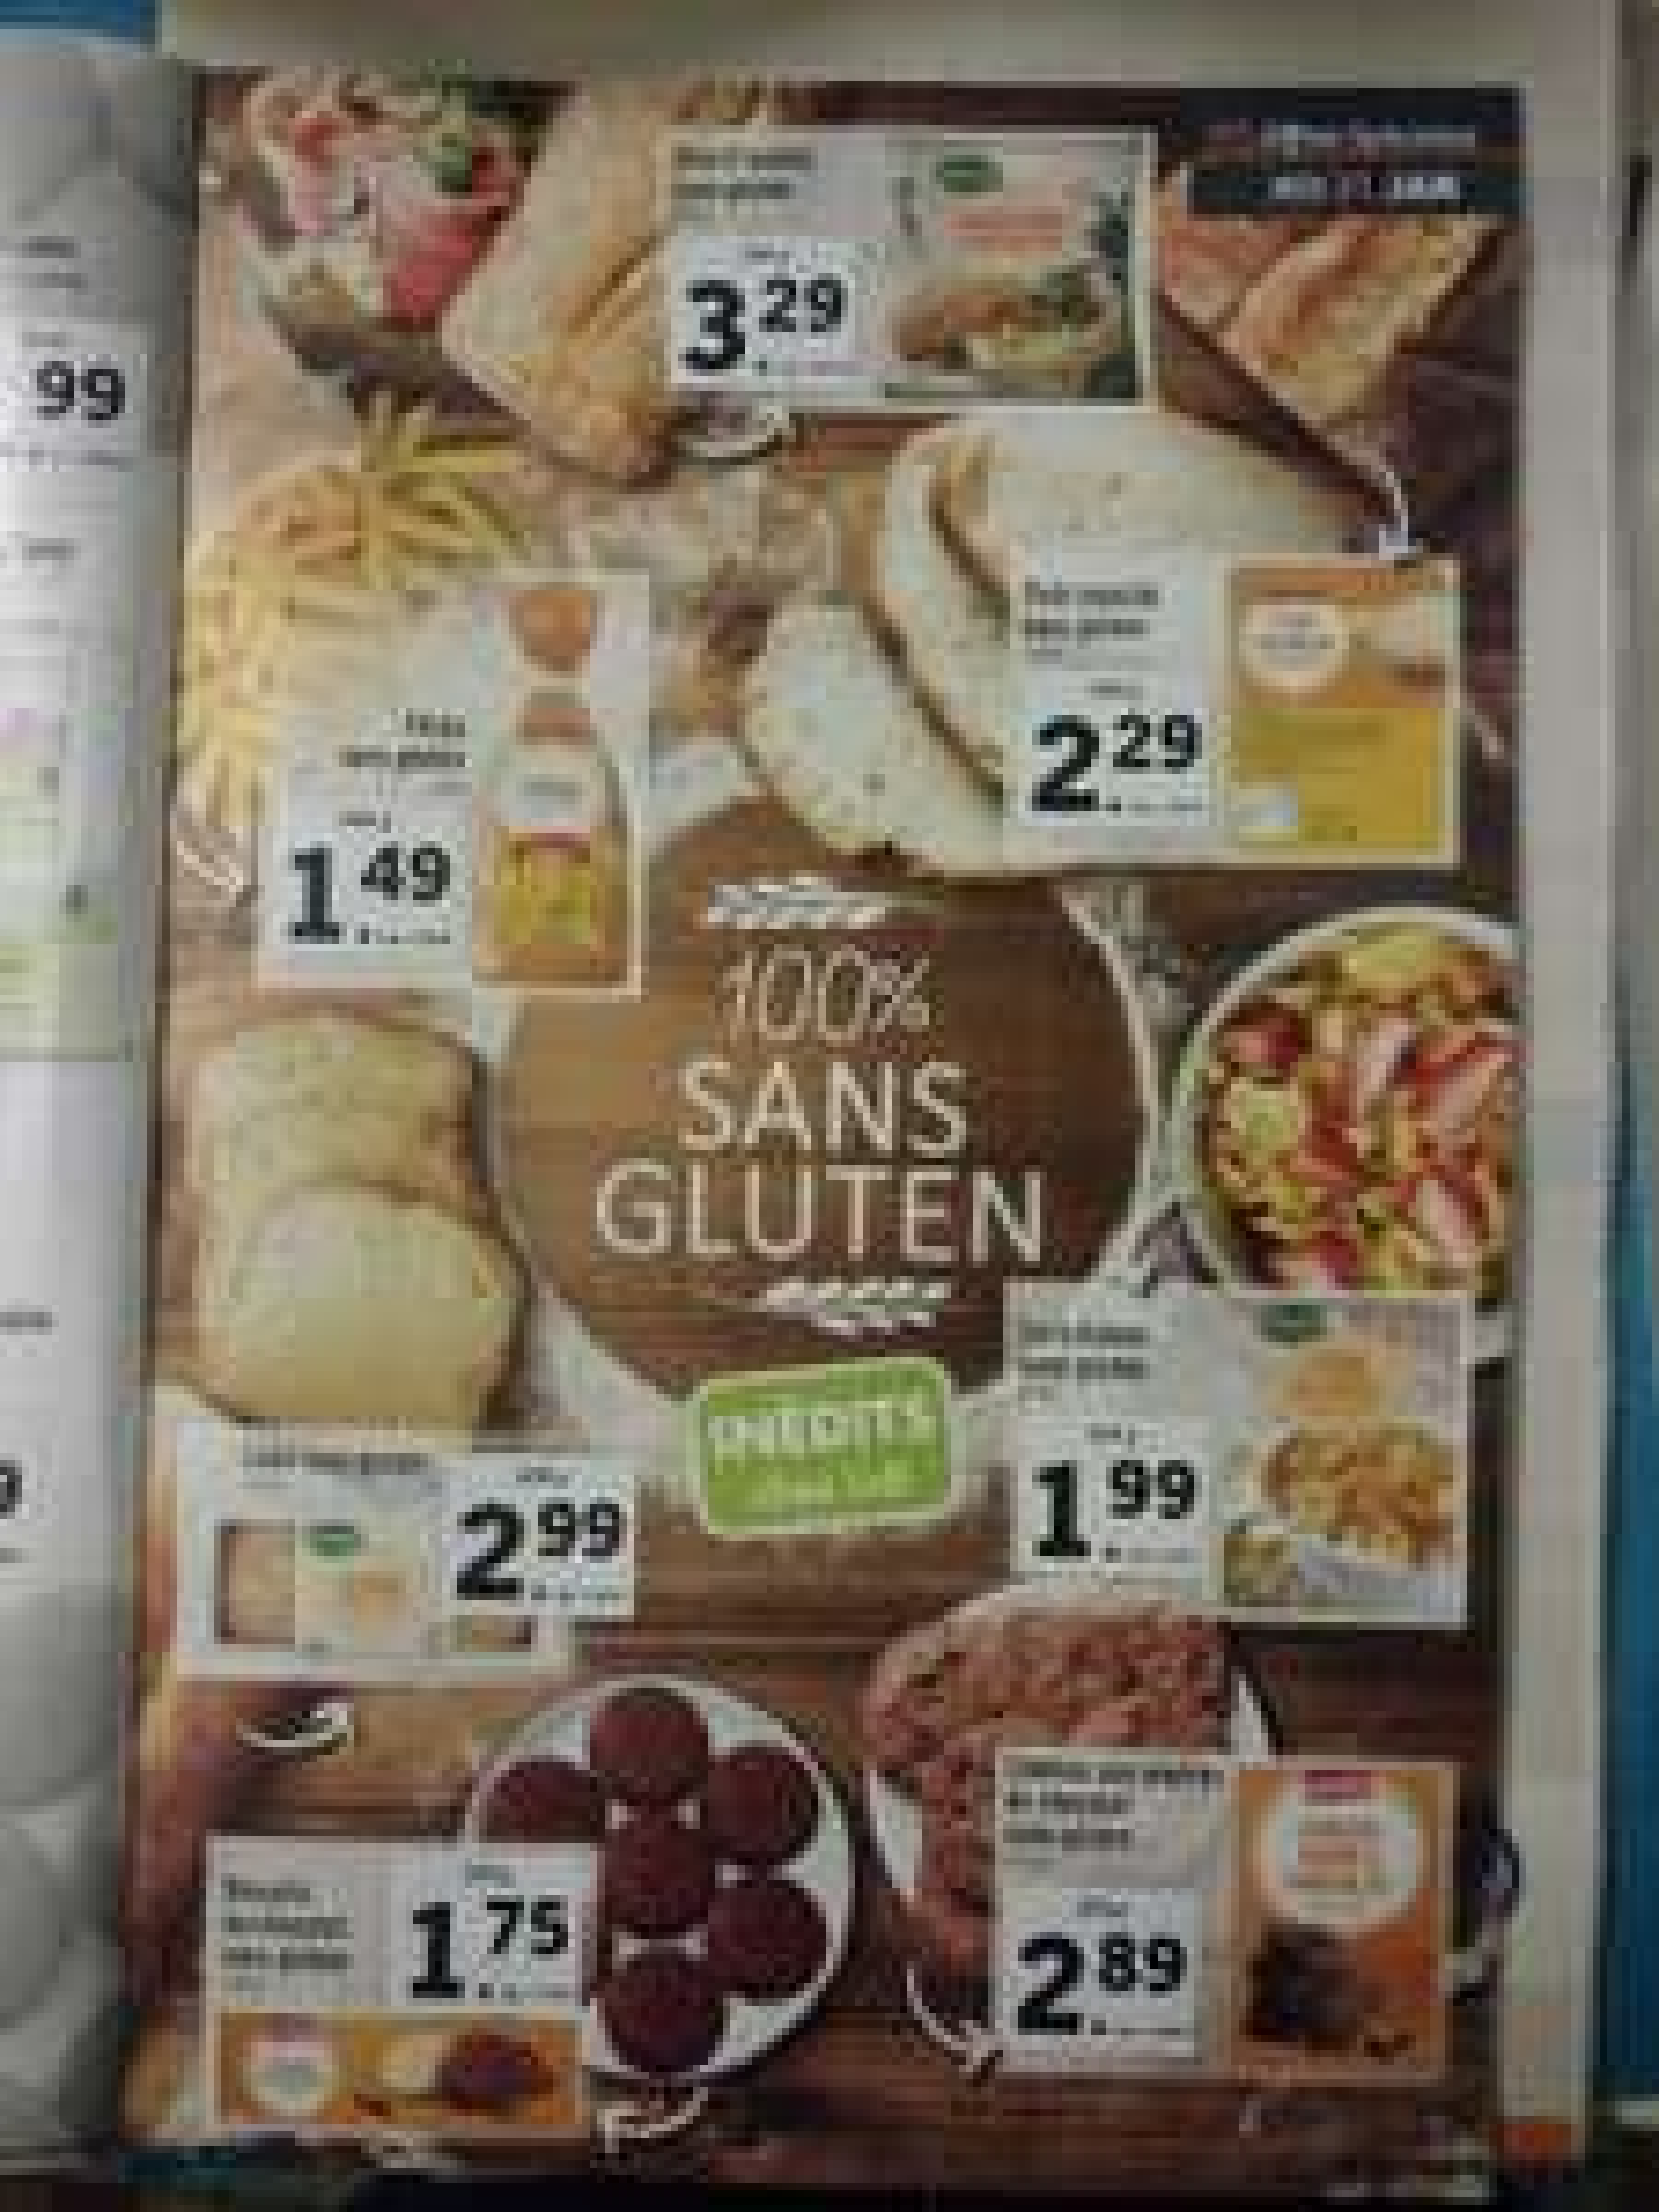 Sélection de produits sans gluten - Ex : Paquet de pâtes sans gluten - 500g